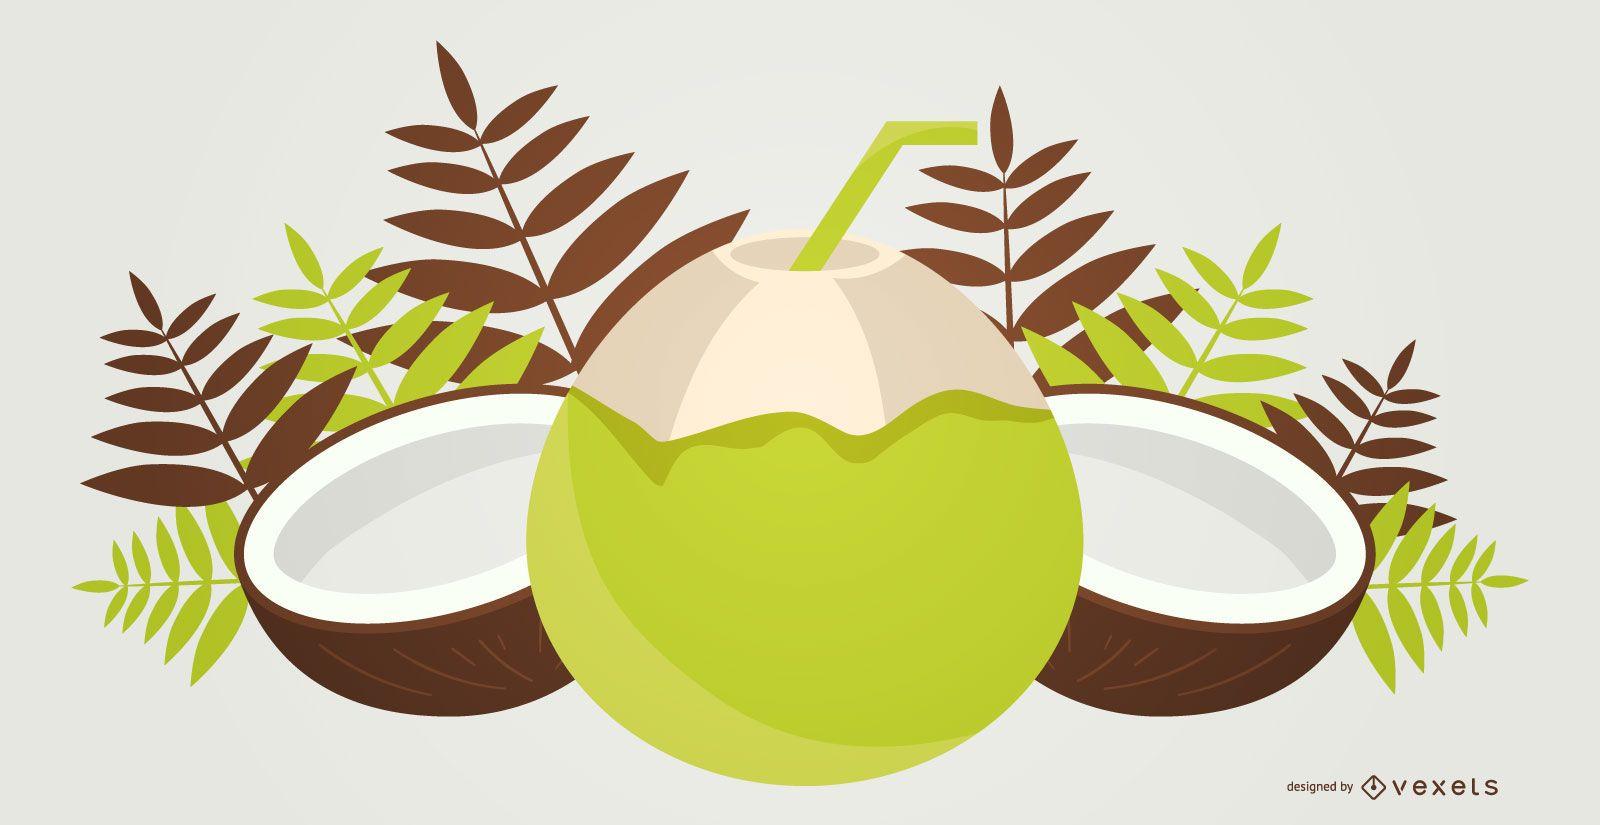 Green coconut illustration